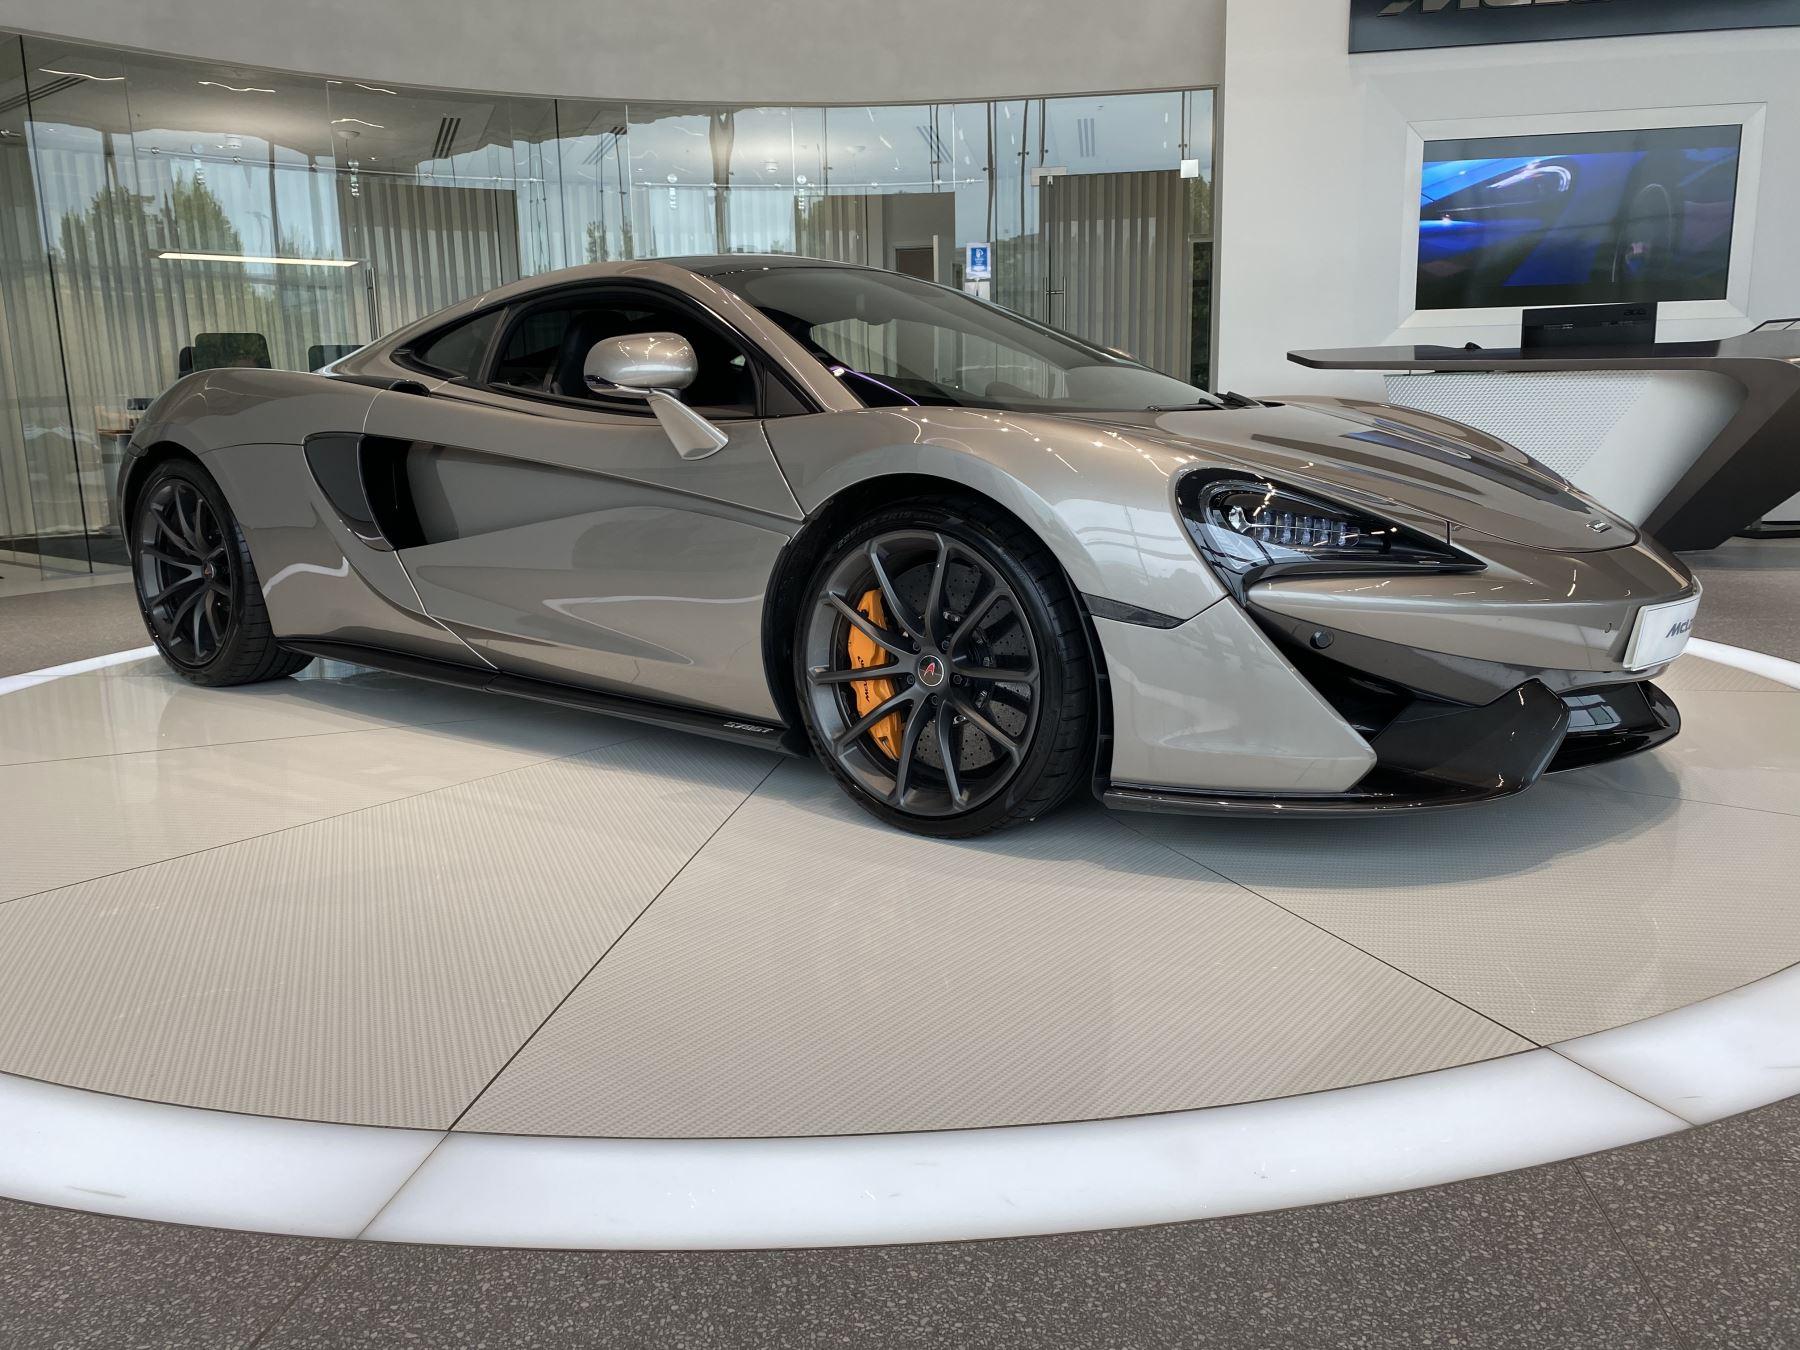 McLaren 570GT V8 2dr SSG 3799.0 Automatic 3 door Coupe